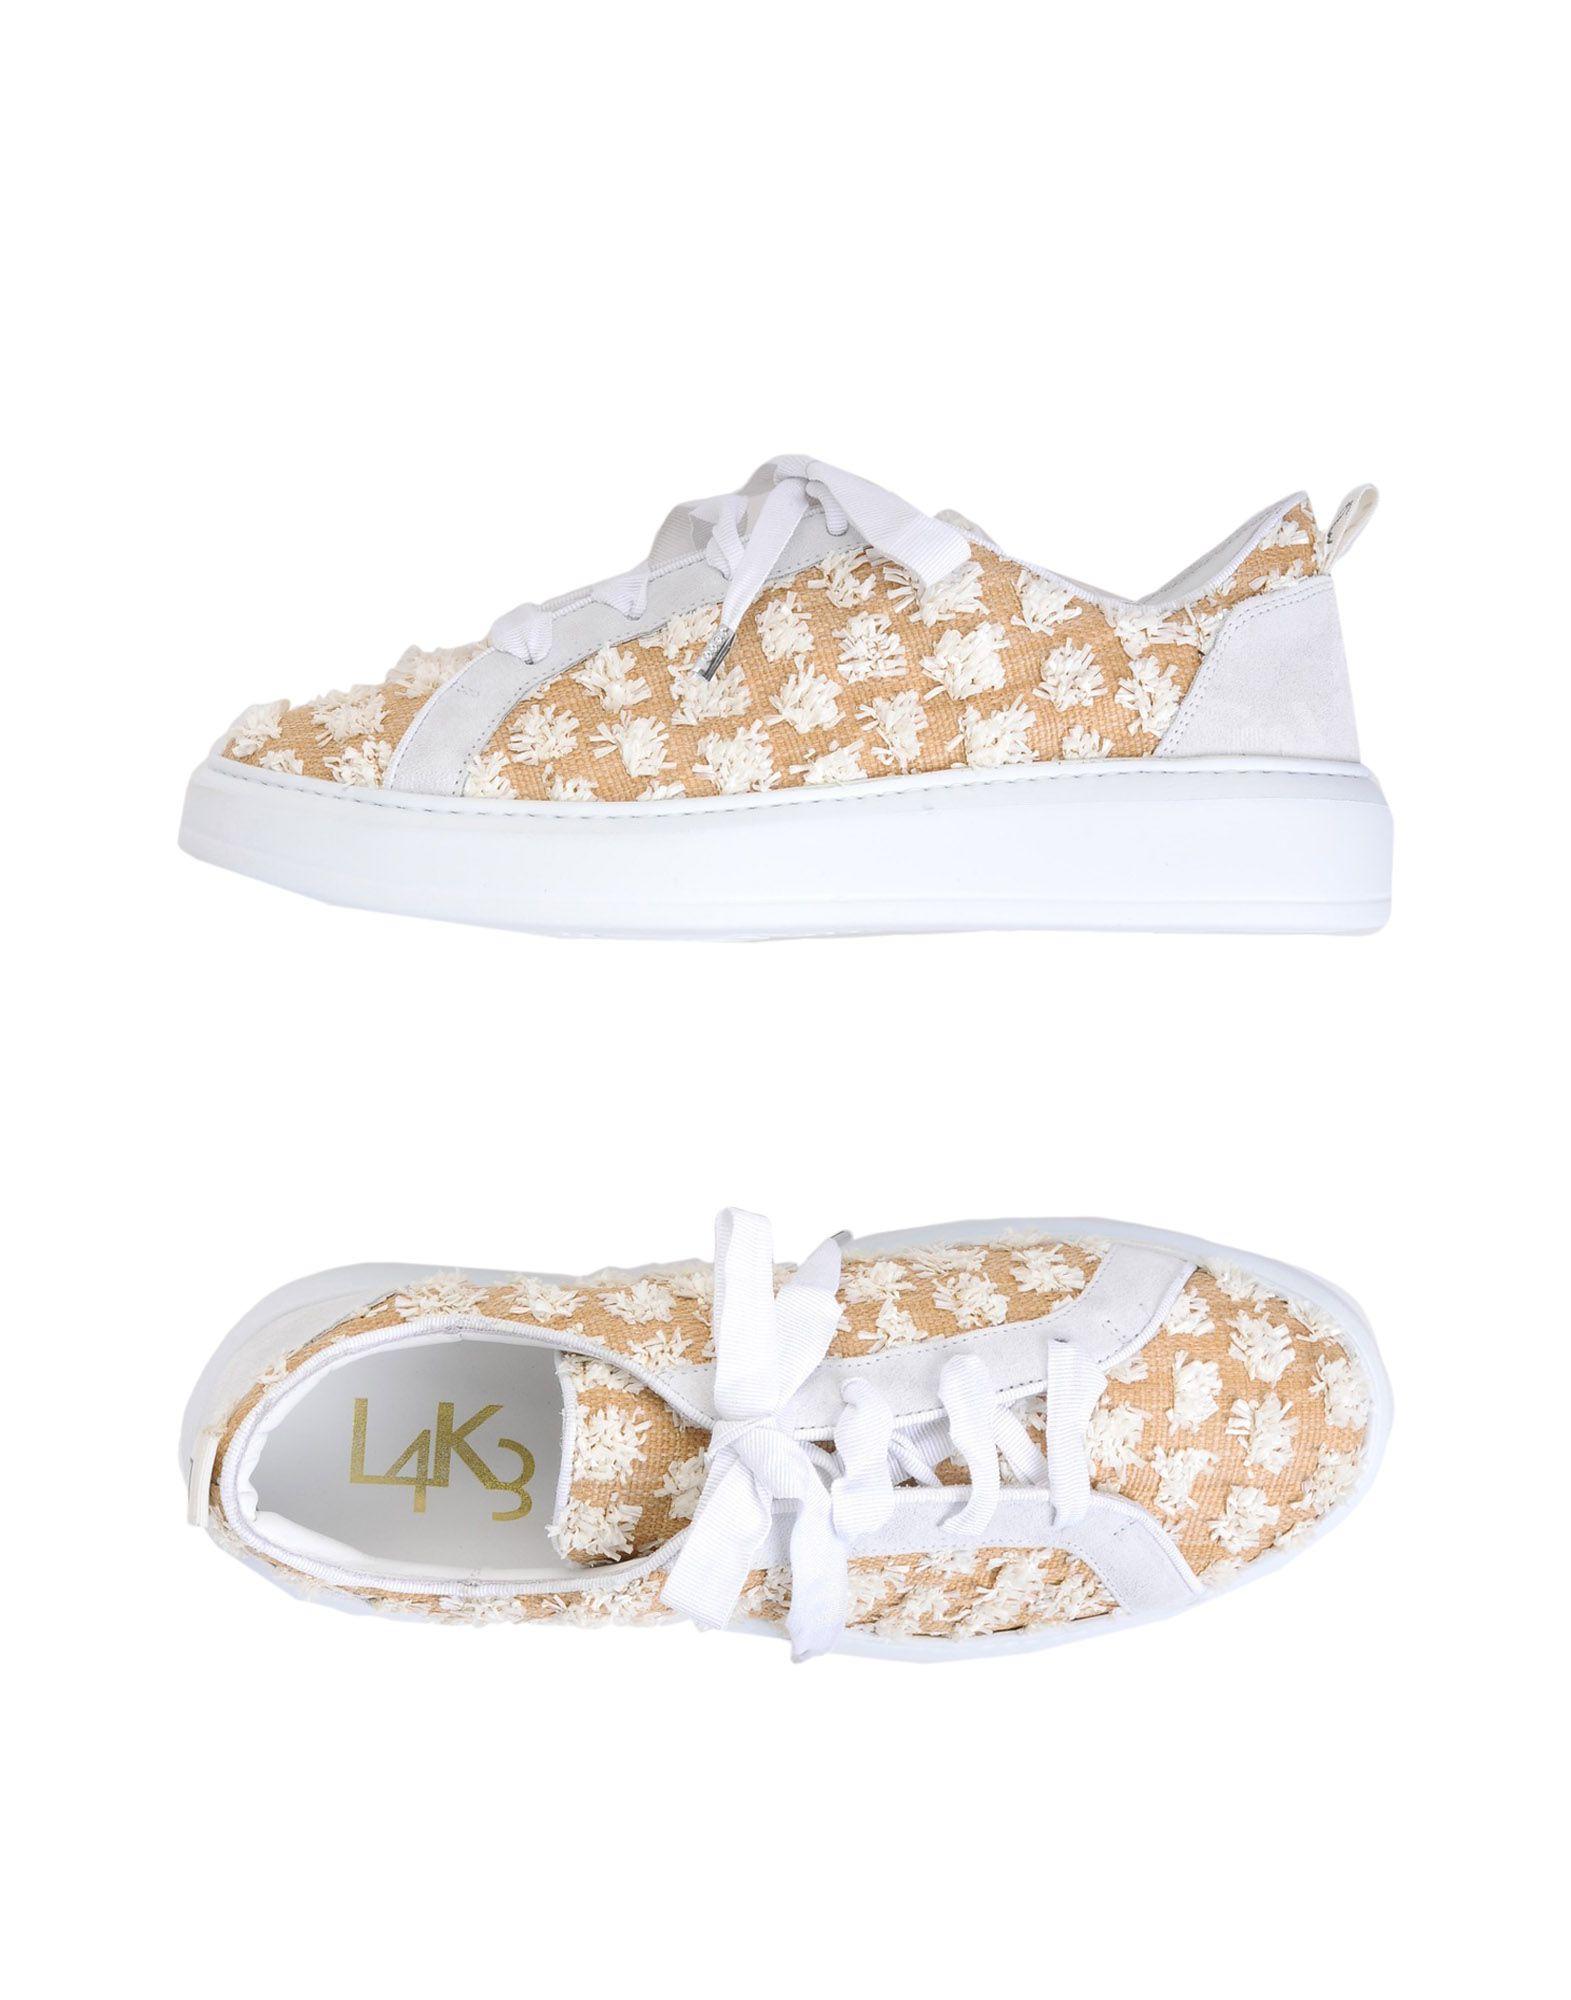 Sneakers L4k3 Royal Derby   Pois - Femme - Sneakers L4k3 sur